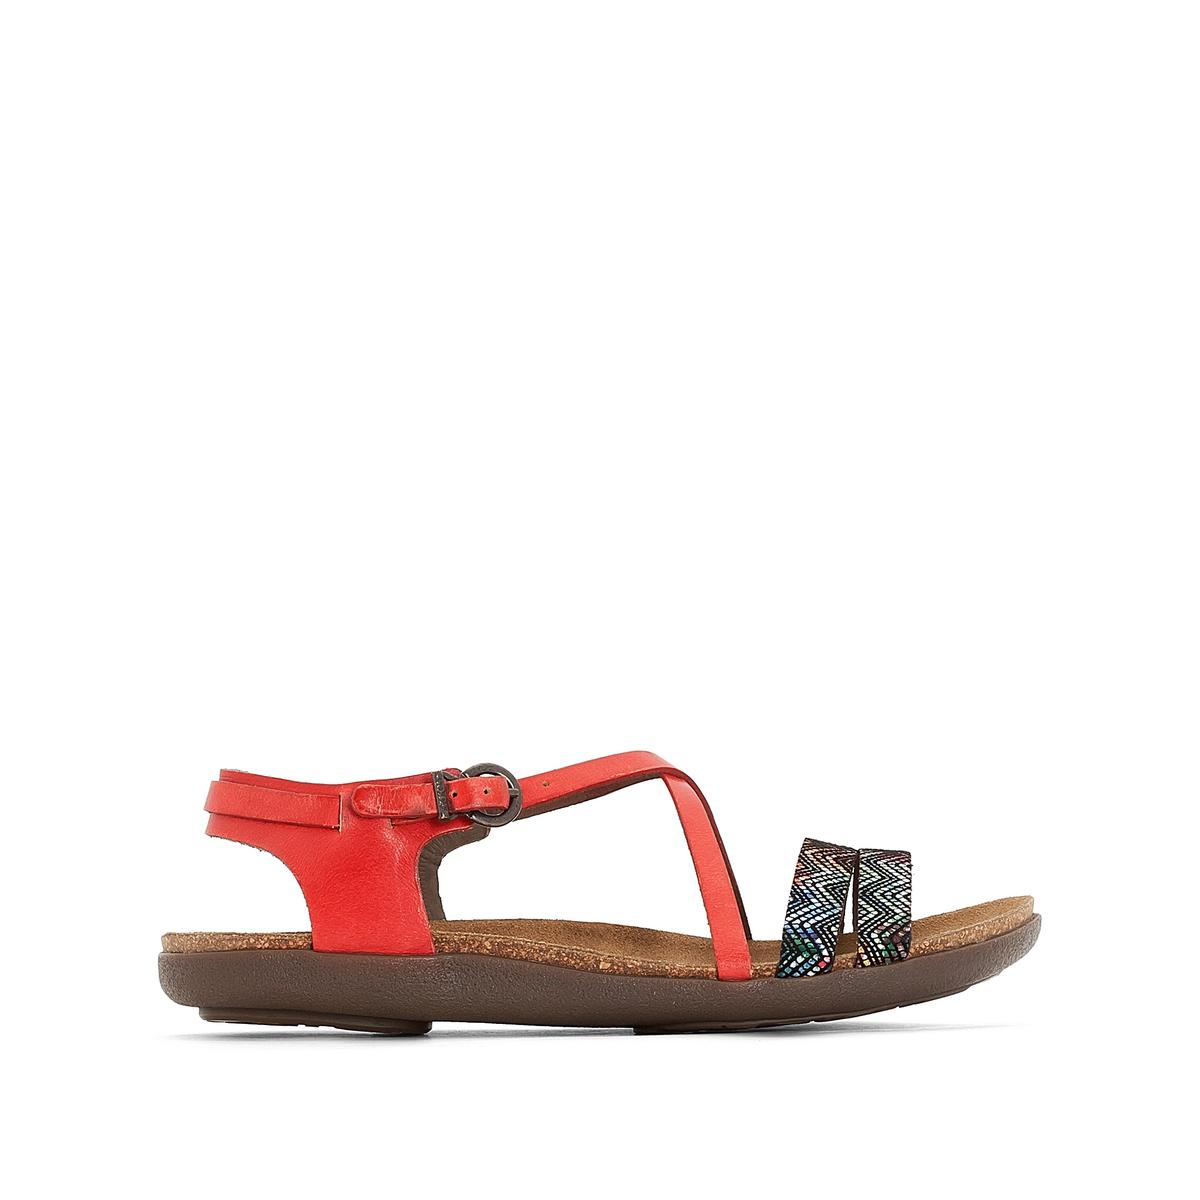 Босоножки из кожи AtomiumВерх : кожа   Подкладка : невыделанная кожа   Стелька : велюр   Подошва : каучук    Высота каблука : 2 см   Застежка : пряжка<br><br>Цвет: красный наб. рисунок<br>Размер: 36